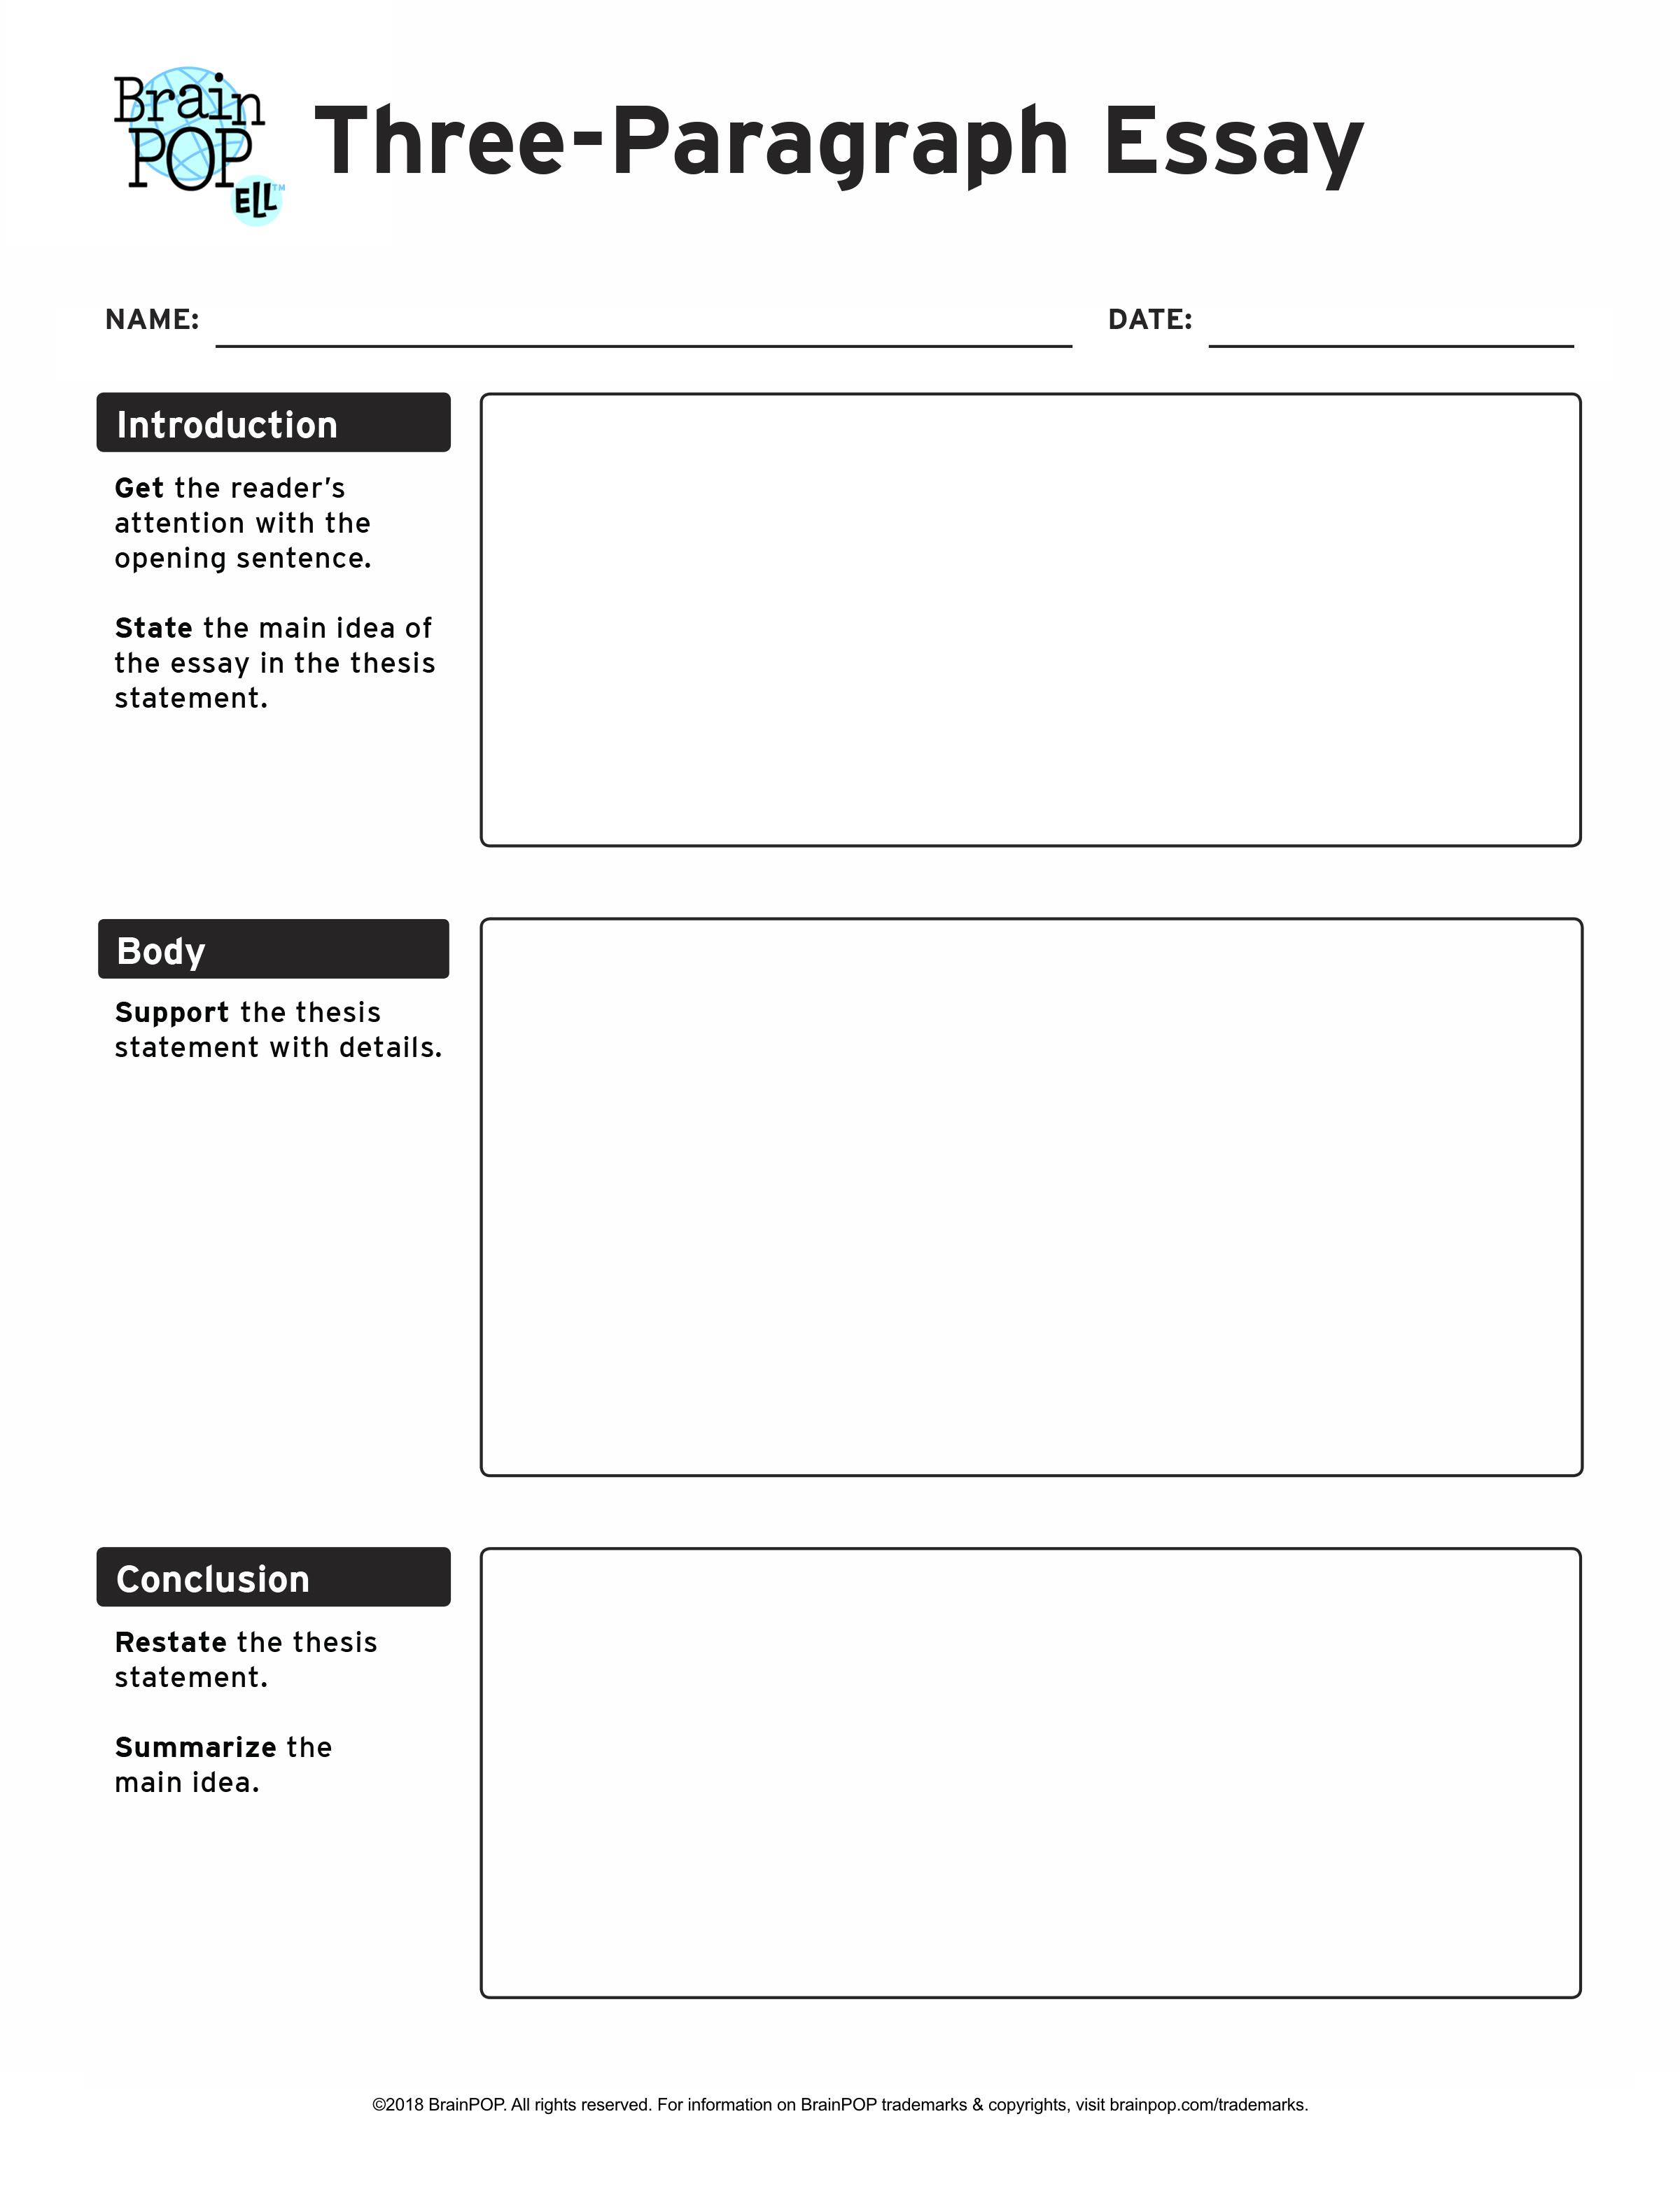 003 Essay Example Paragraph Three Graphic Organizer Exceptional 3 Persuasive Argumentative Examples Full